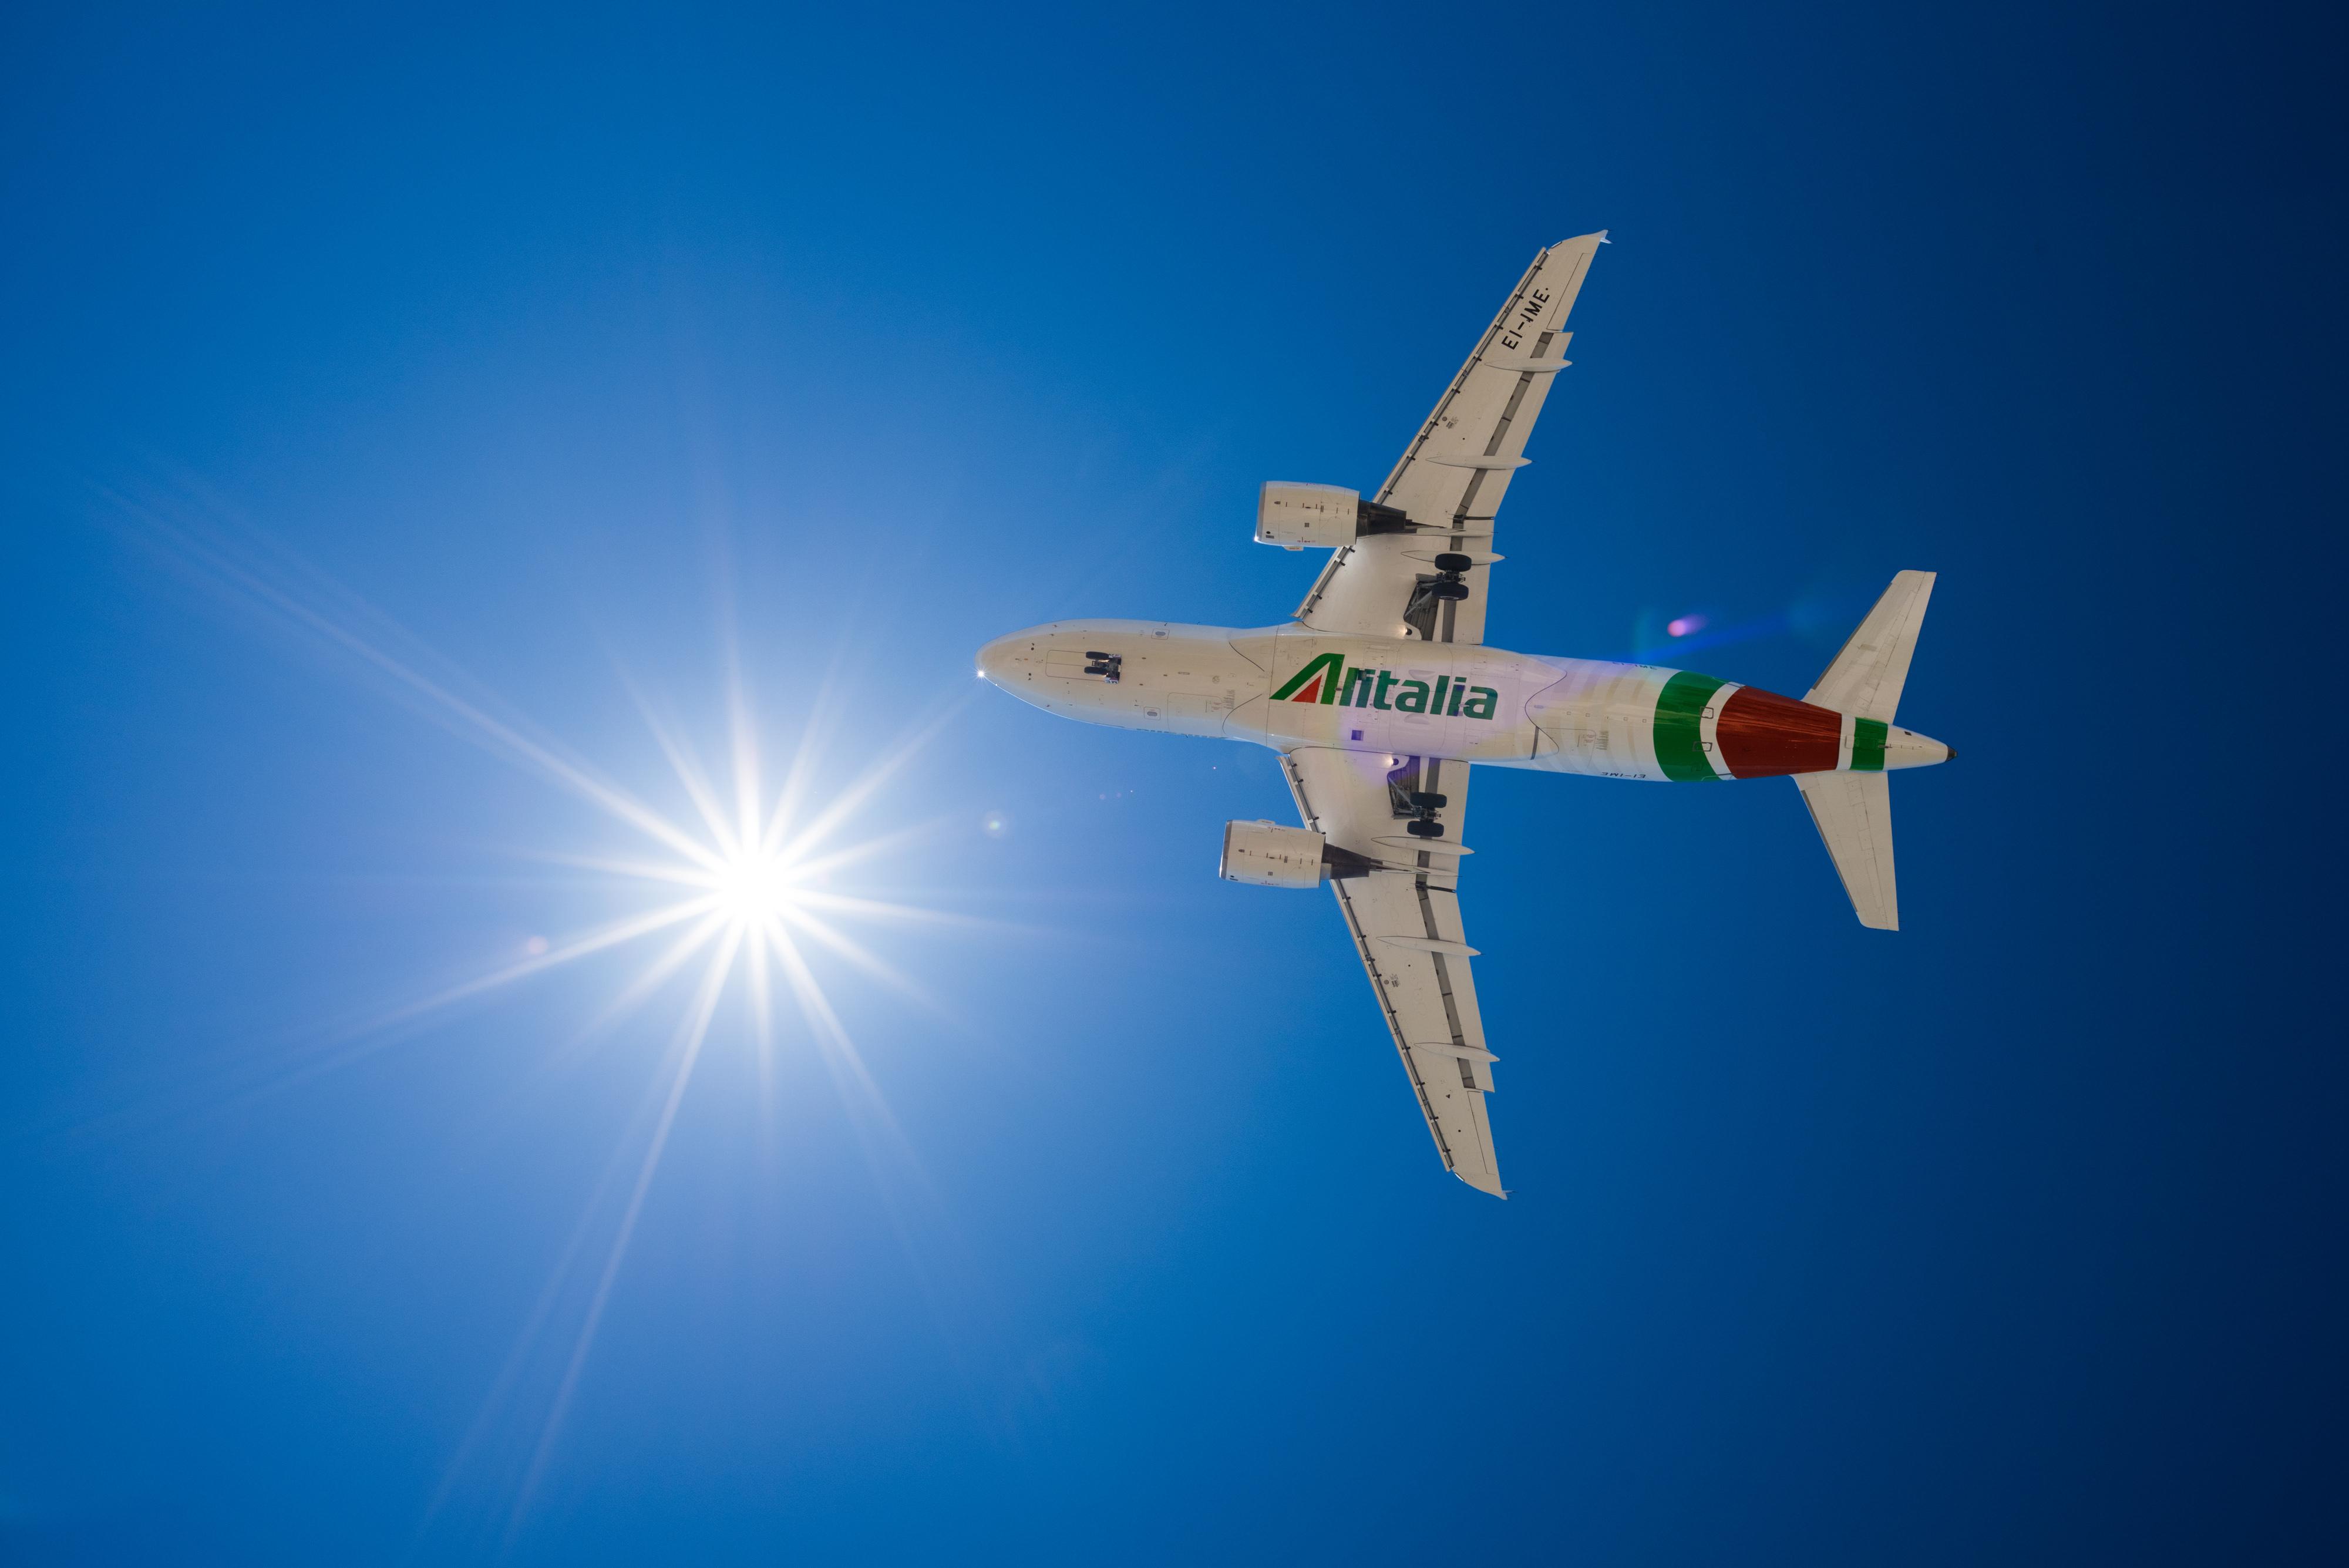 Вовращение Alitalia: крупнейшая итальянская авиакомпания снова летает в Киев.Вокруг Света. Украина